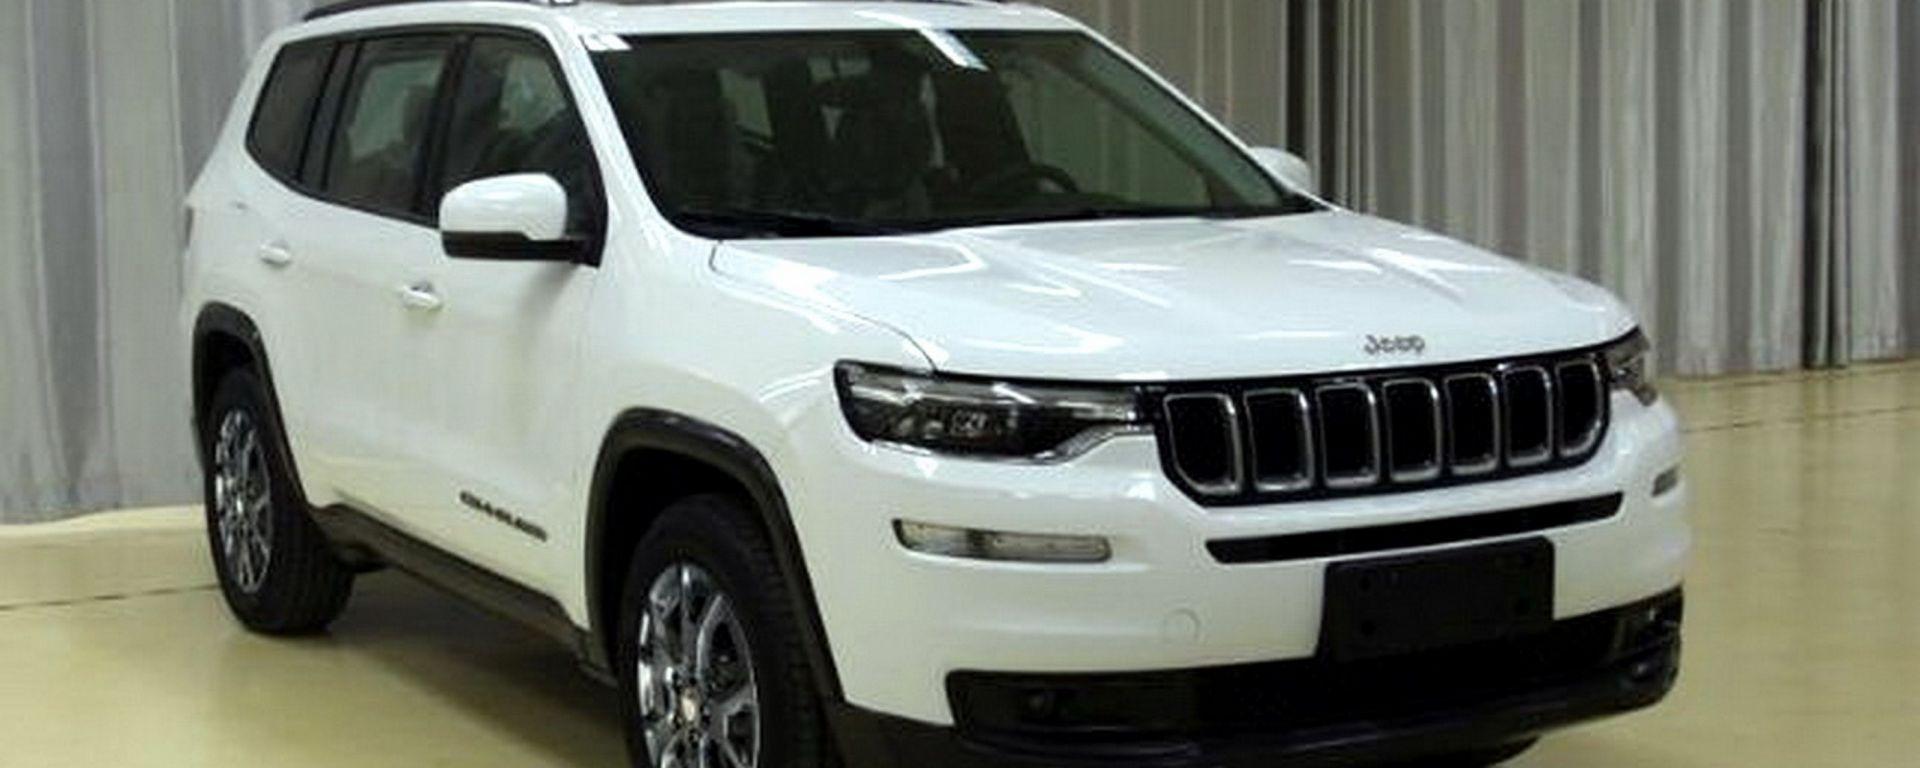 Nuova Jeep Grand Commander: le prime immagini in rete